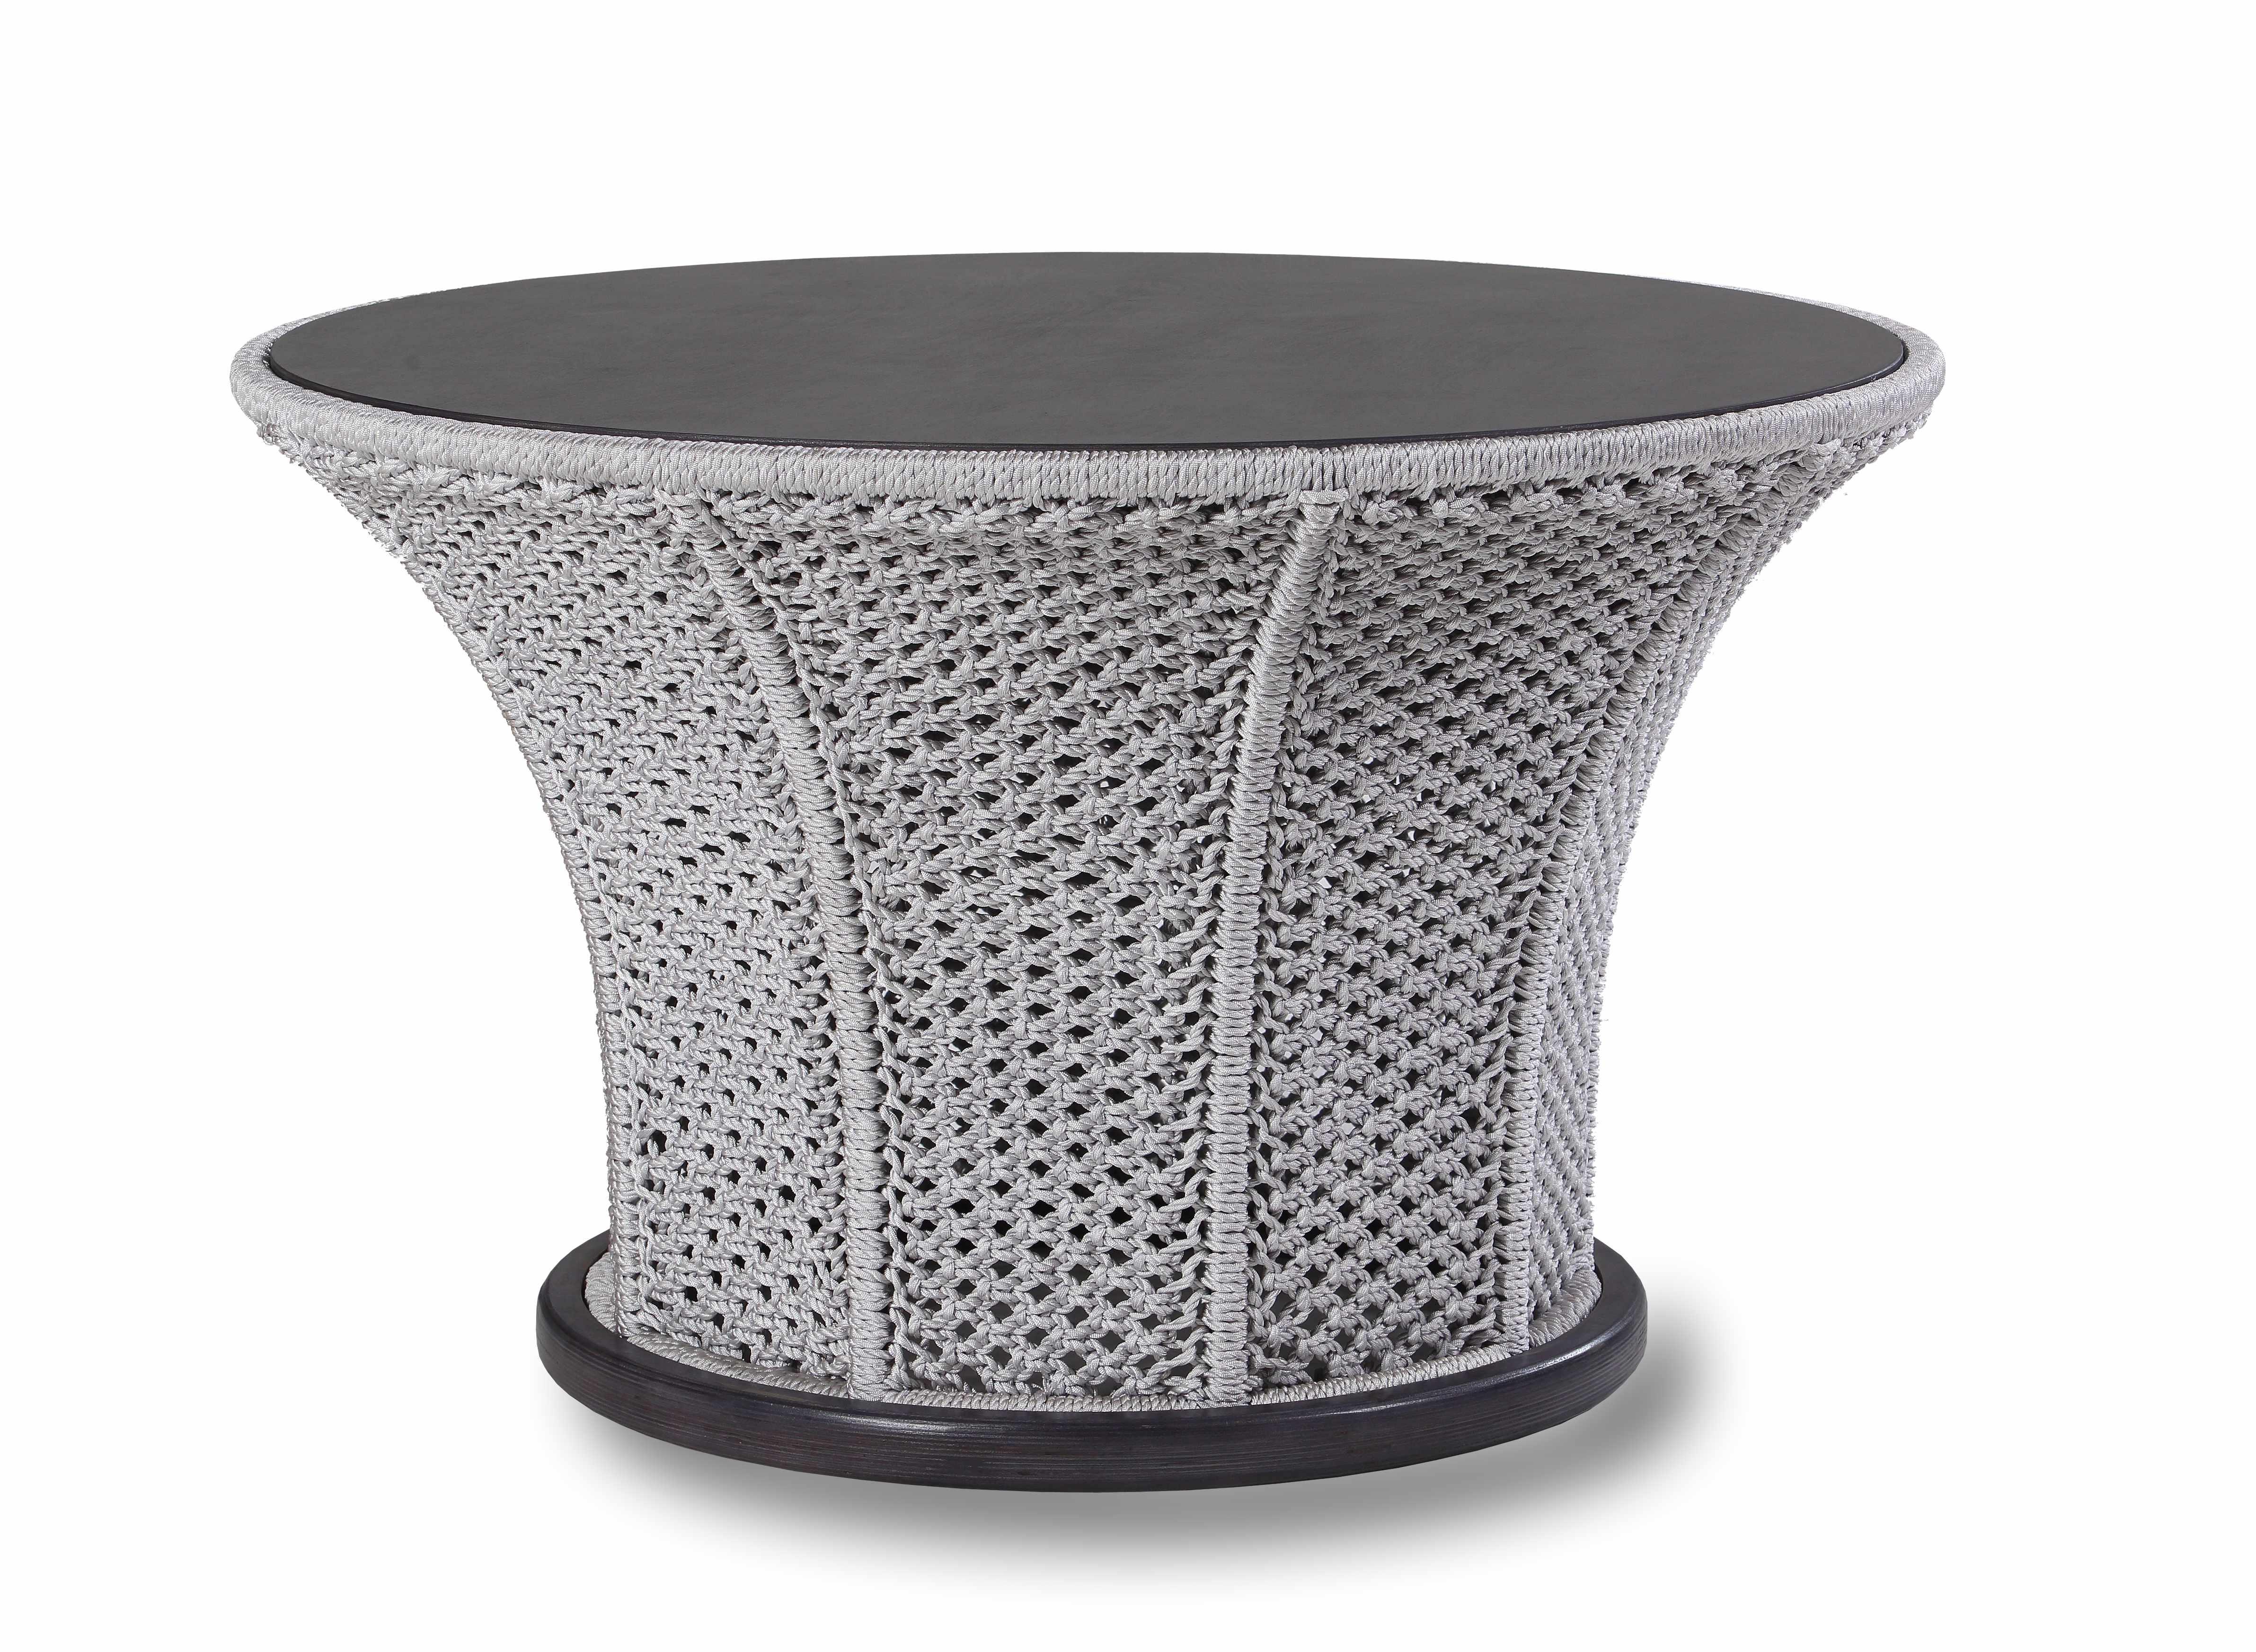 Стол АкцентСтолы и столики для сада<br>Металлический каркас, ручное плетение из полиамидной нити, деревянный обклад.<br><br>Material: Текстиль<br>Высота см: 64